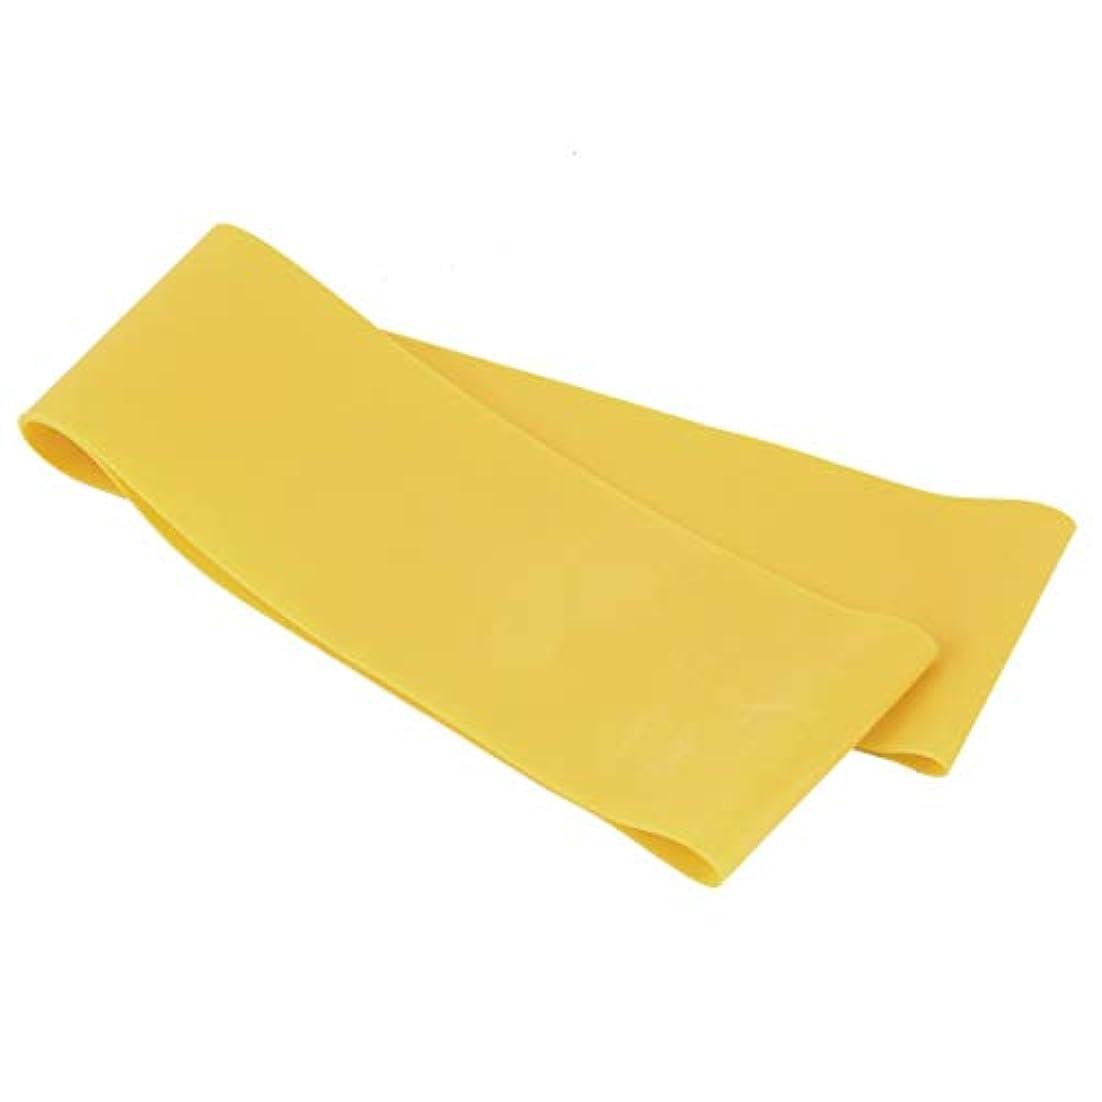 音声学輝く音楽滑り止めの伸縮性のあるゴム製伸縮性があるヨガのベルトバンド引きロープの張力抵抗バンドループ強さのためのフィットネスヨガツール - 黄色